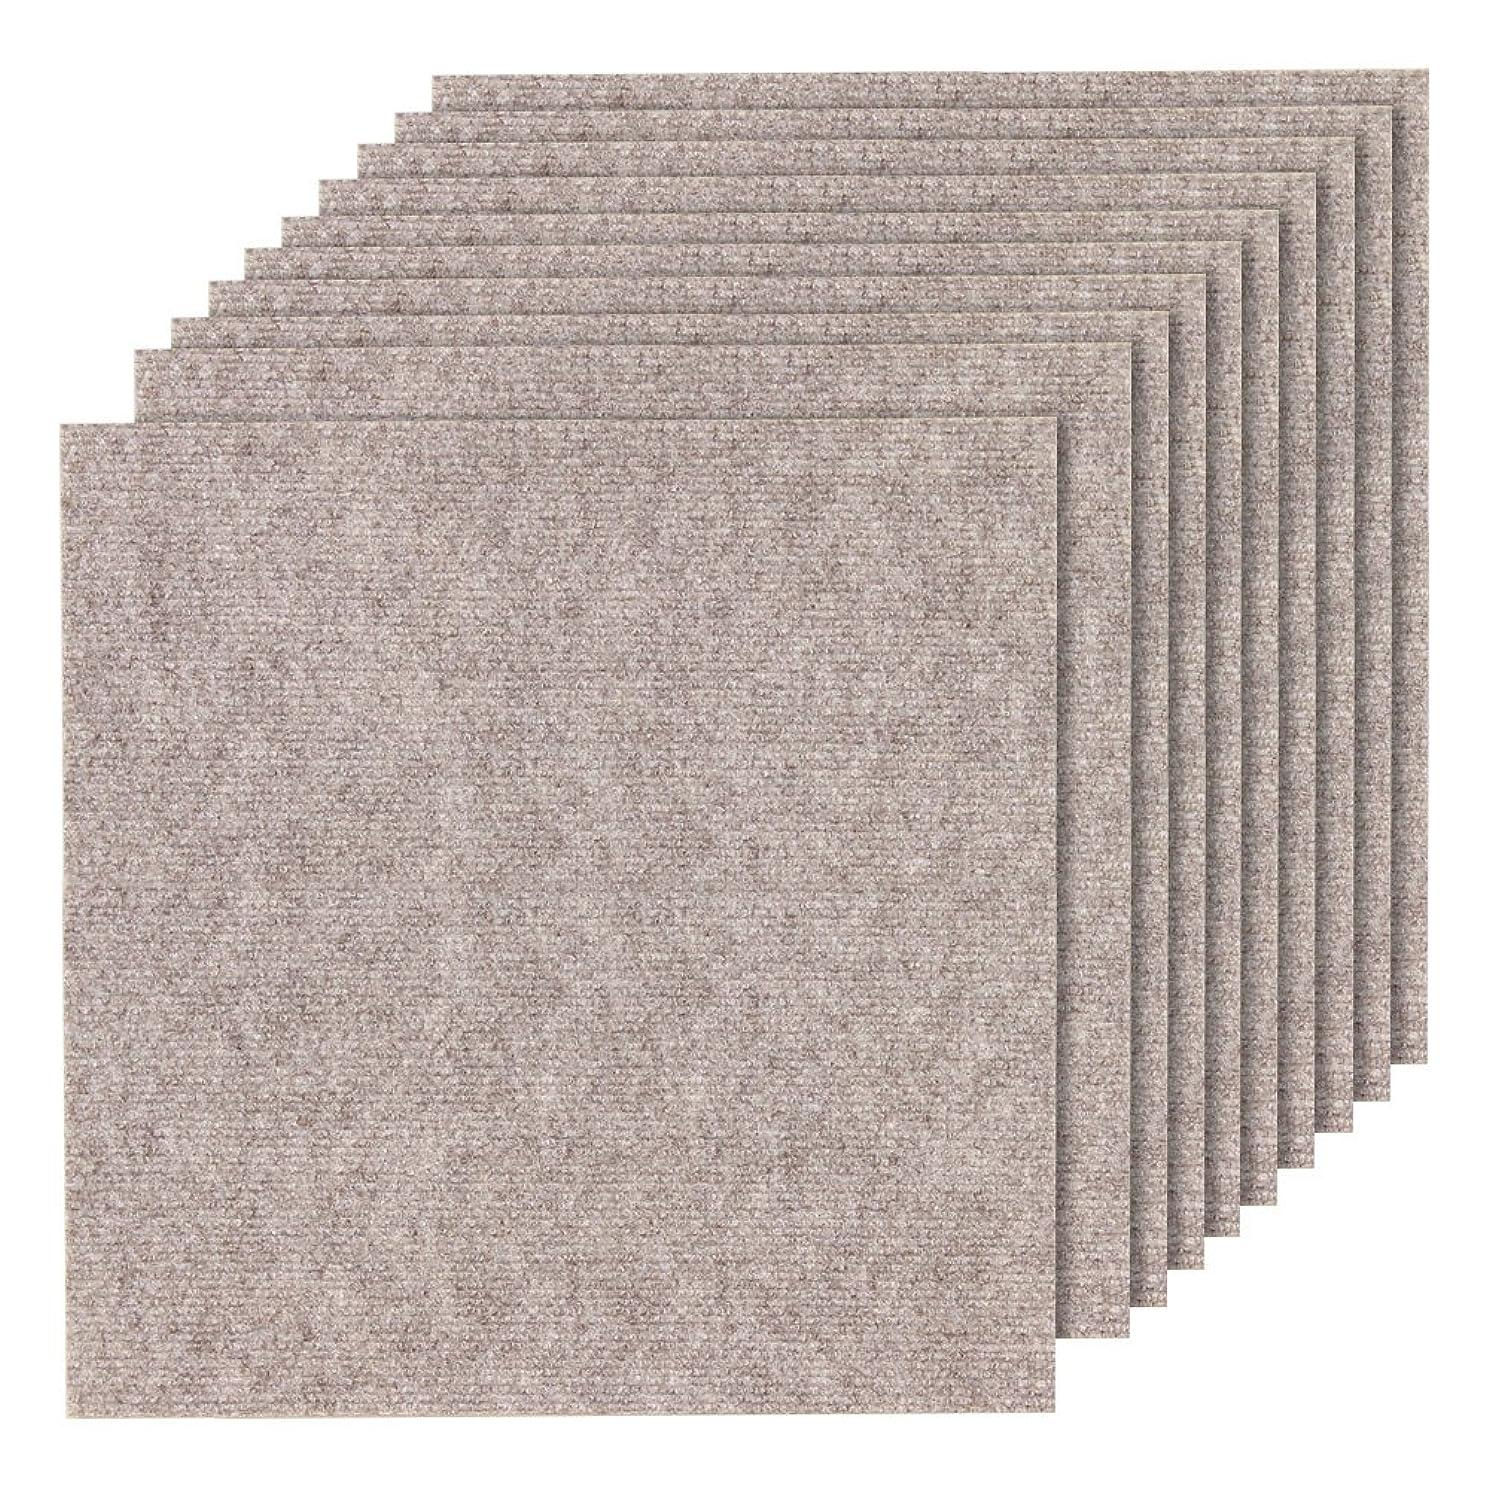 解明増強数学者山五 滑り止め 吸着加工 洗えるカーペット 薄手 大判タイプ ベージュ色 10枚入り 50×50cm